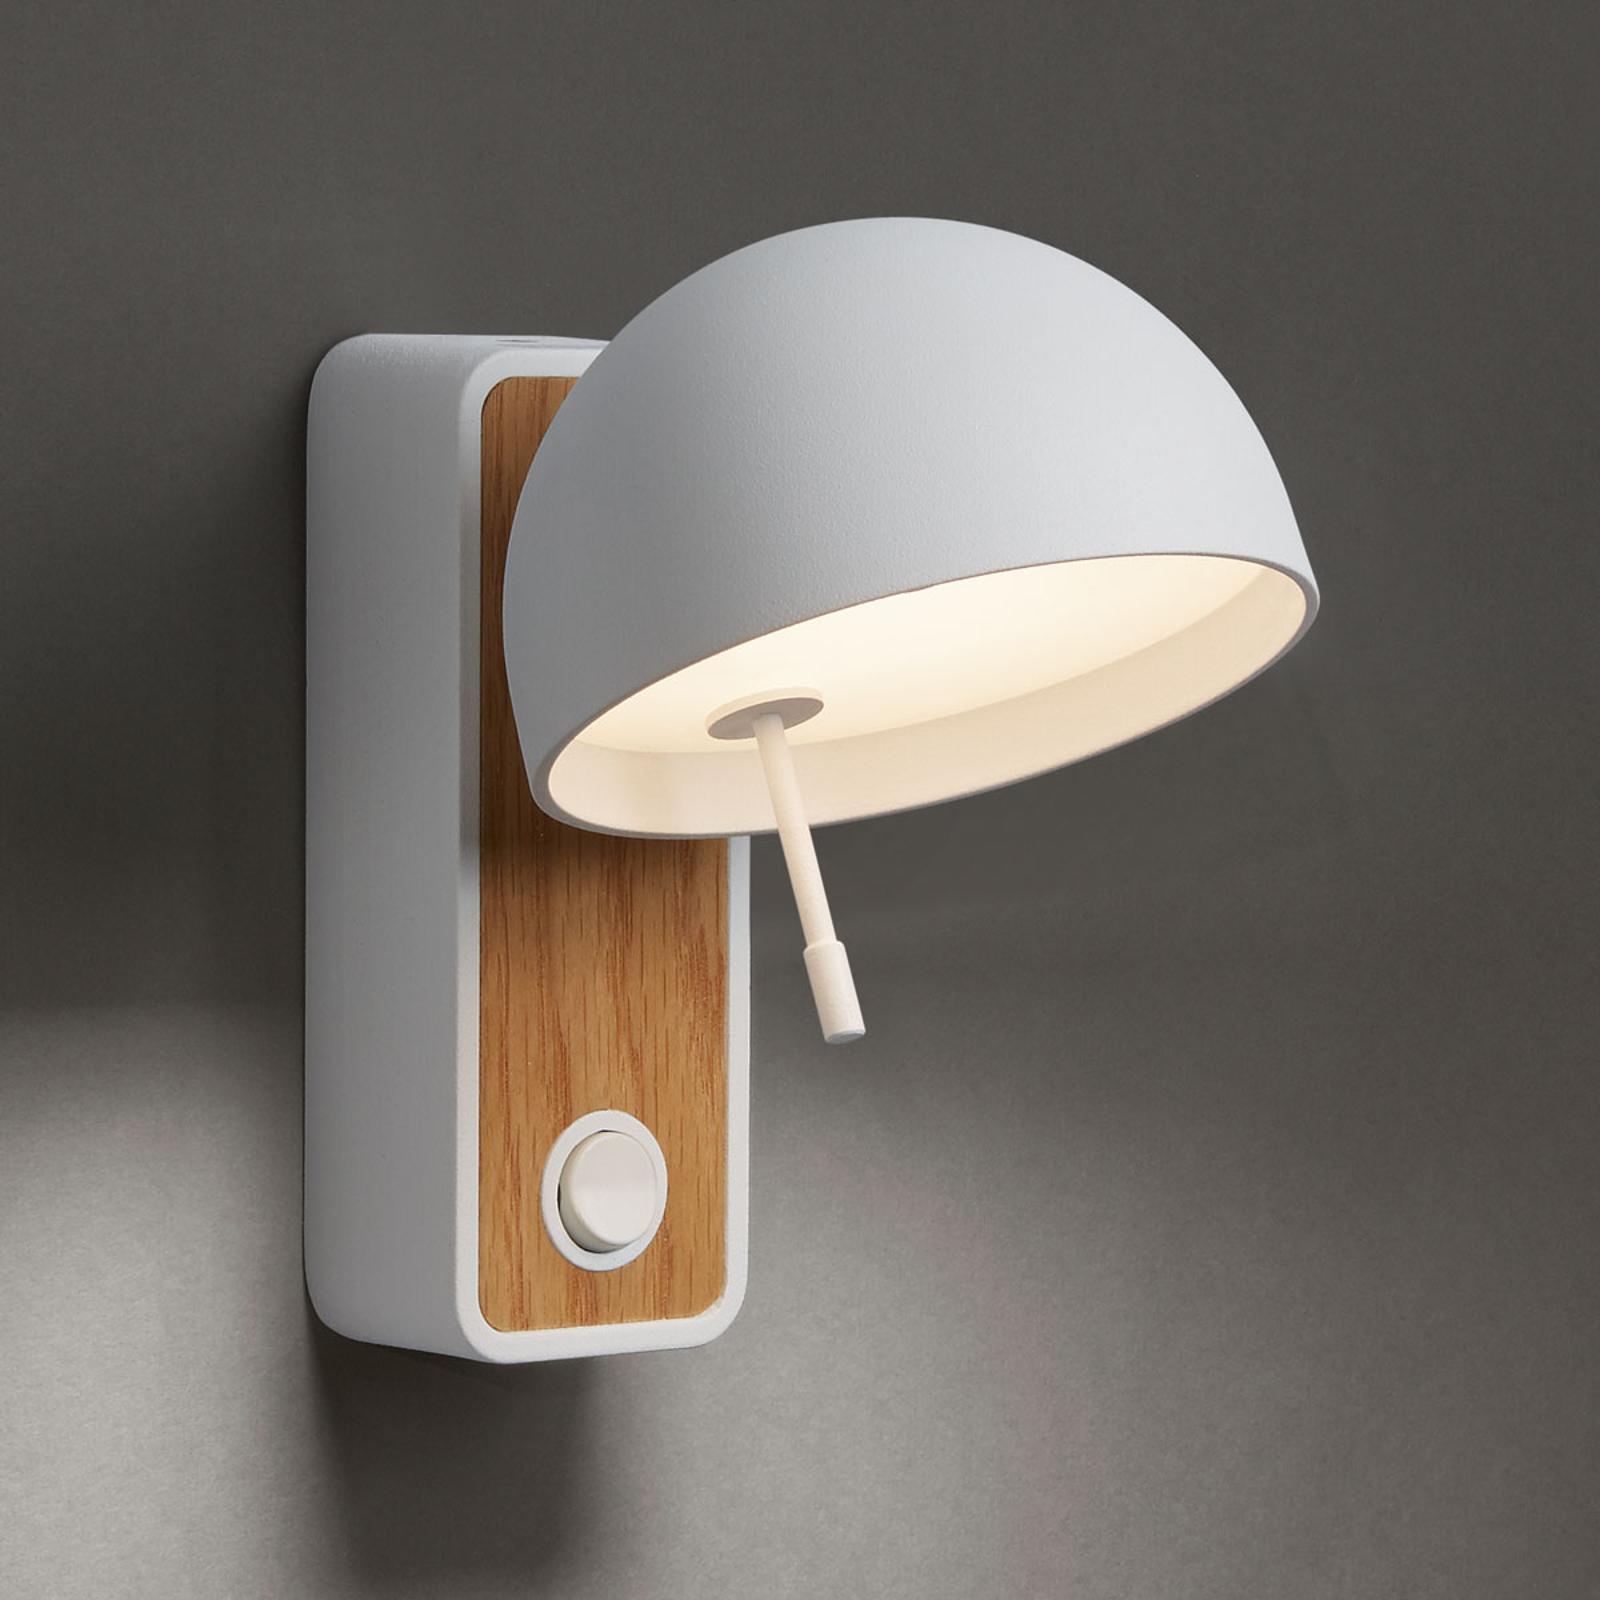 Bover Beddy A 01 Led Wandlamp Draaibaar Wit Eiken Lampen24 Nl